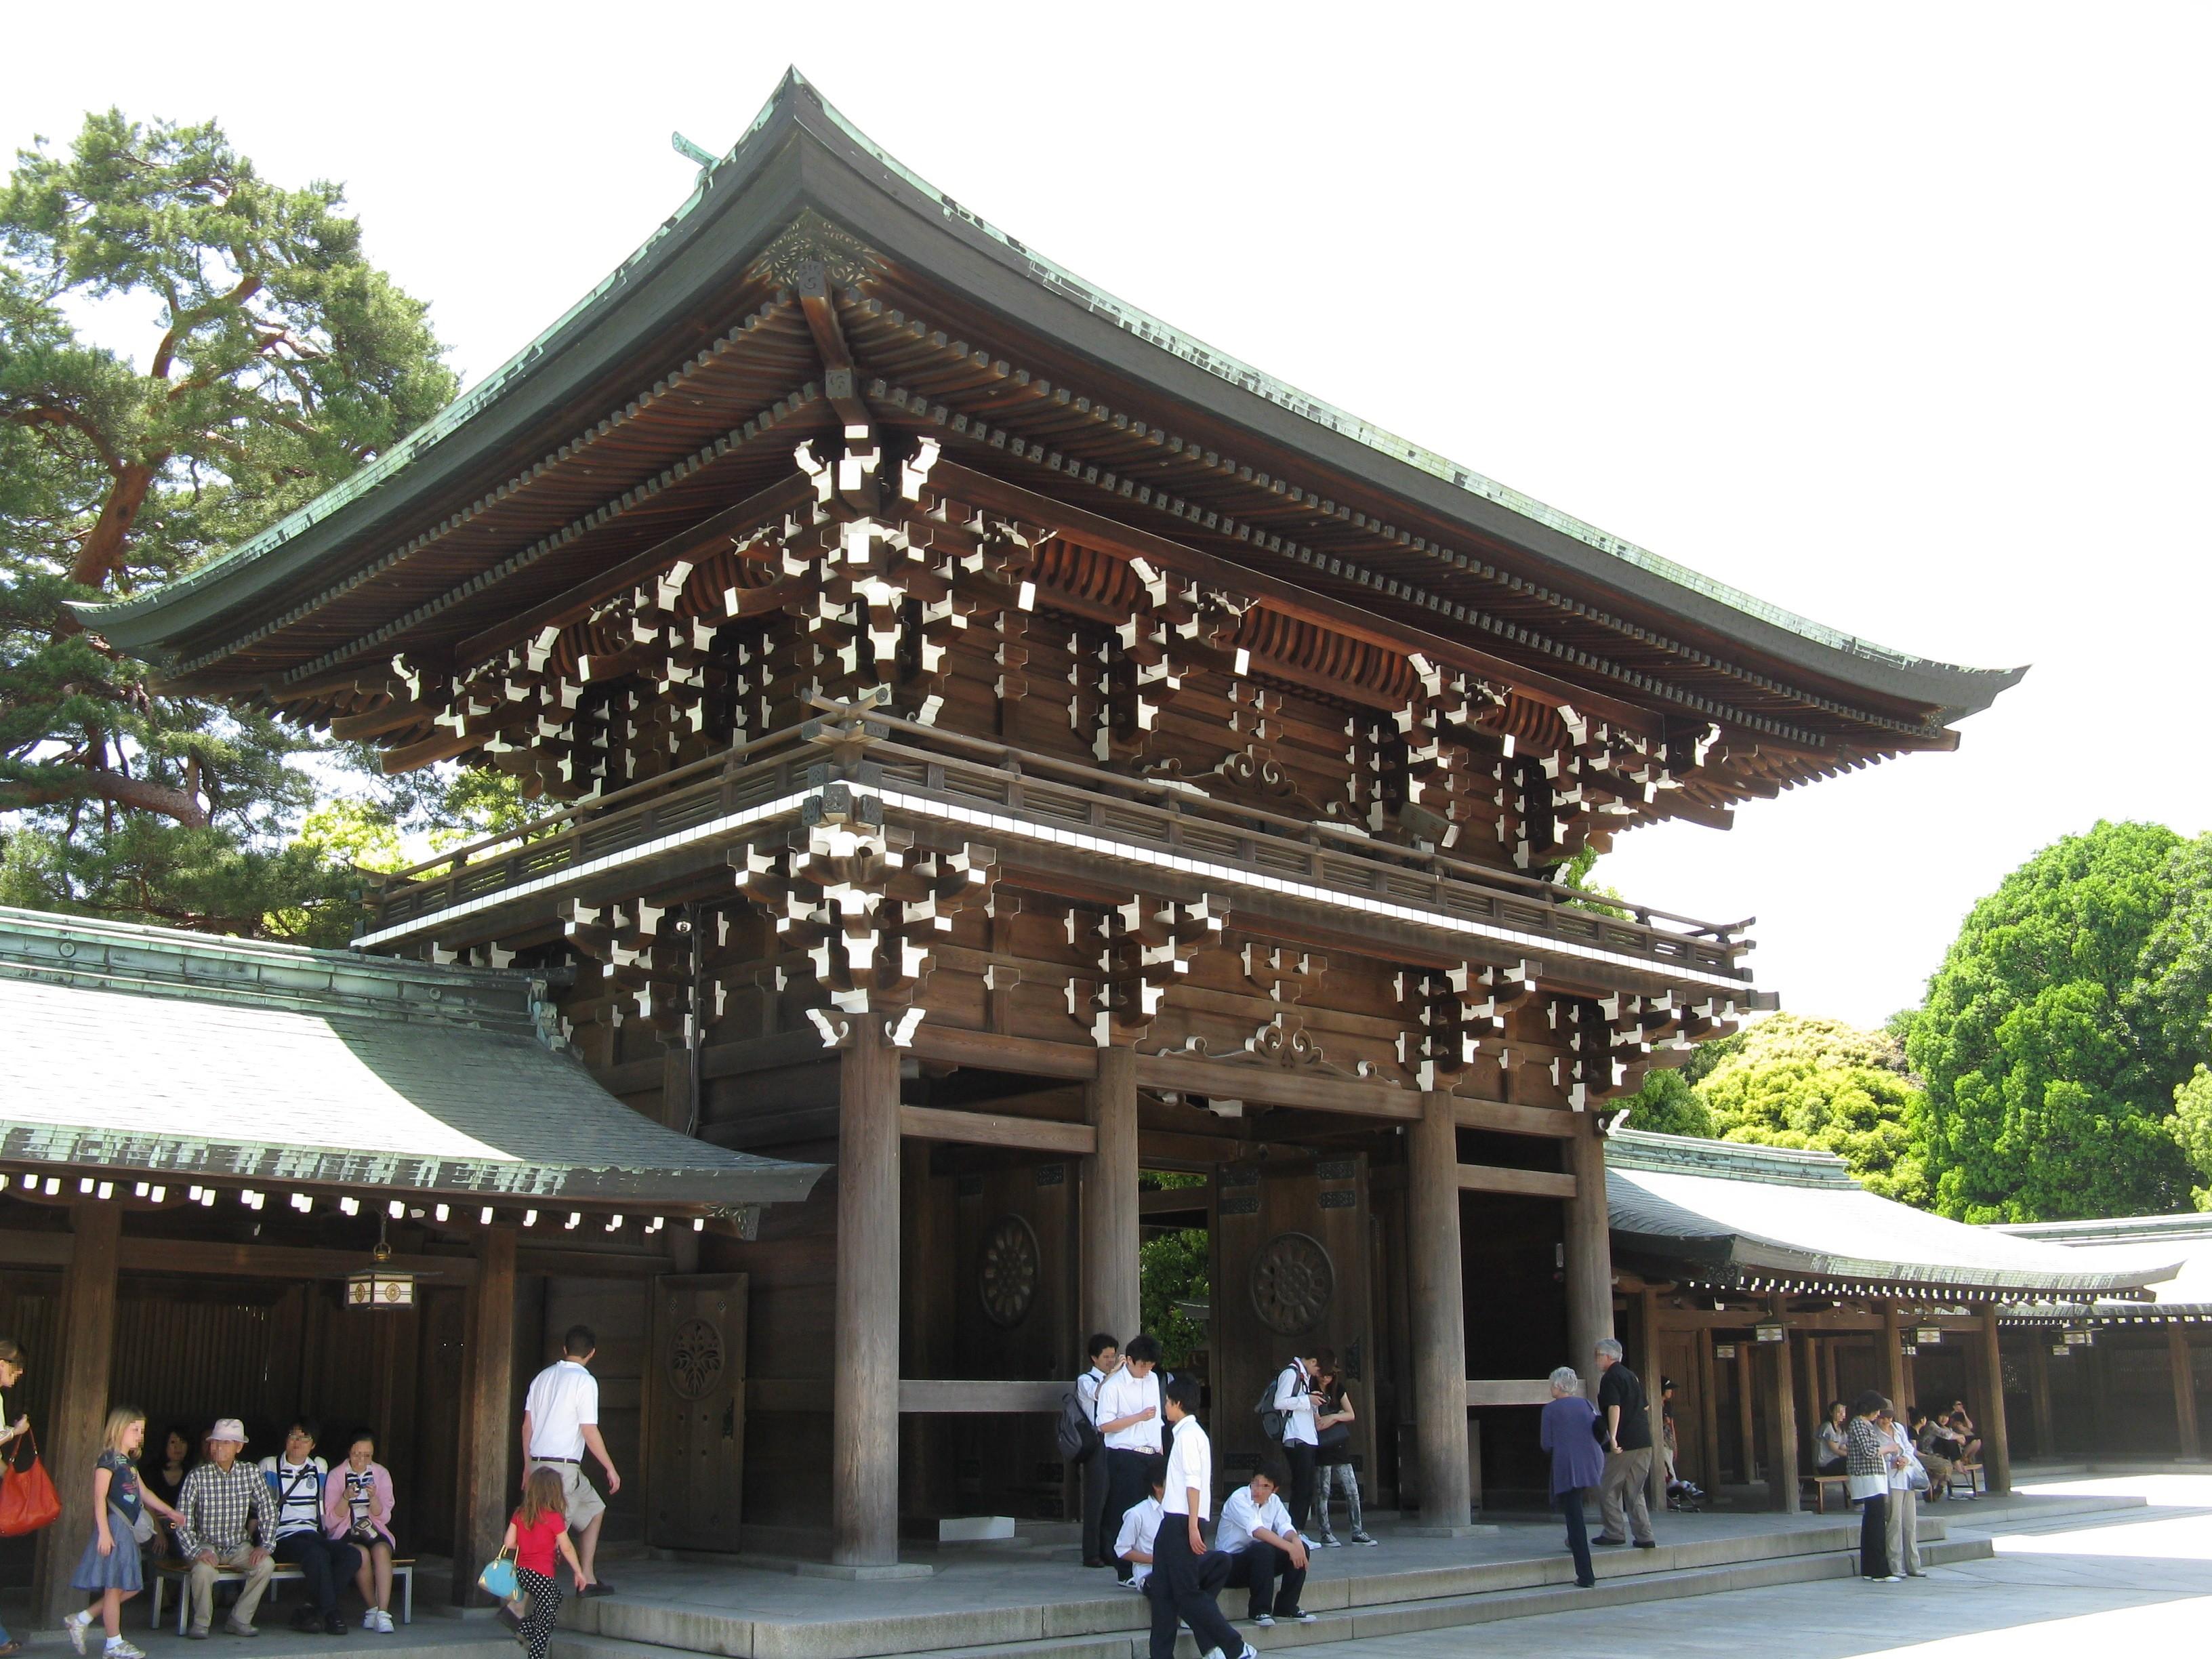 Main gate of Meiji Shrine, Shibuya ward, Tokyo, Japan [3264×2448] : ImagesOfJ...